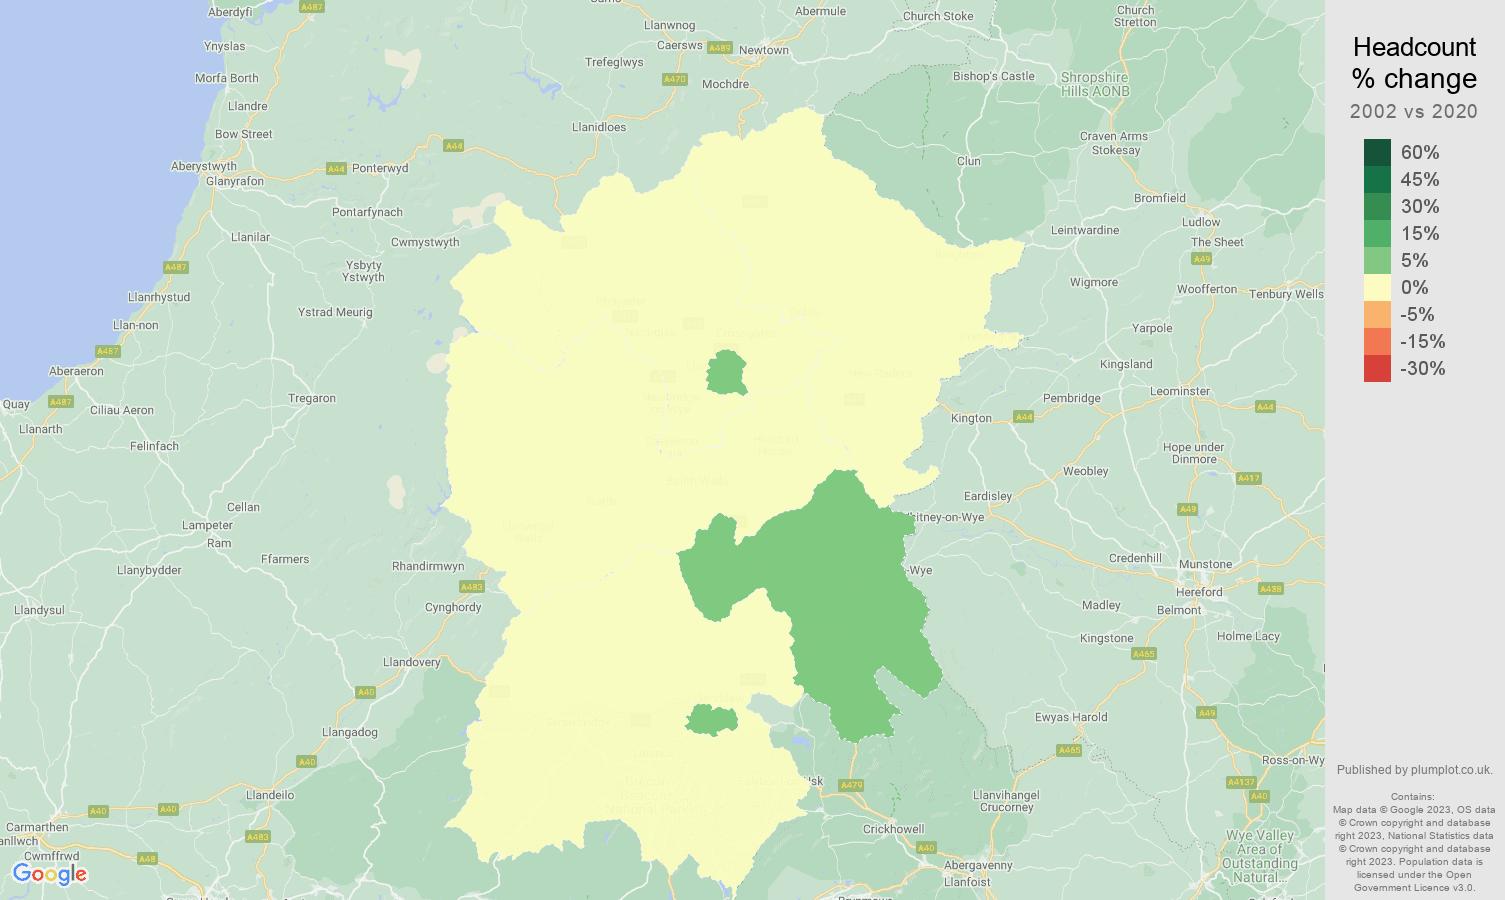 Llandrindod Wells headcount change map